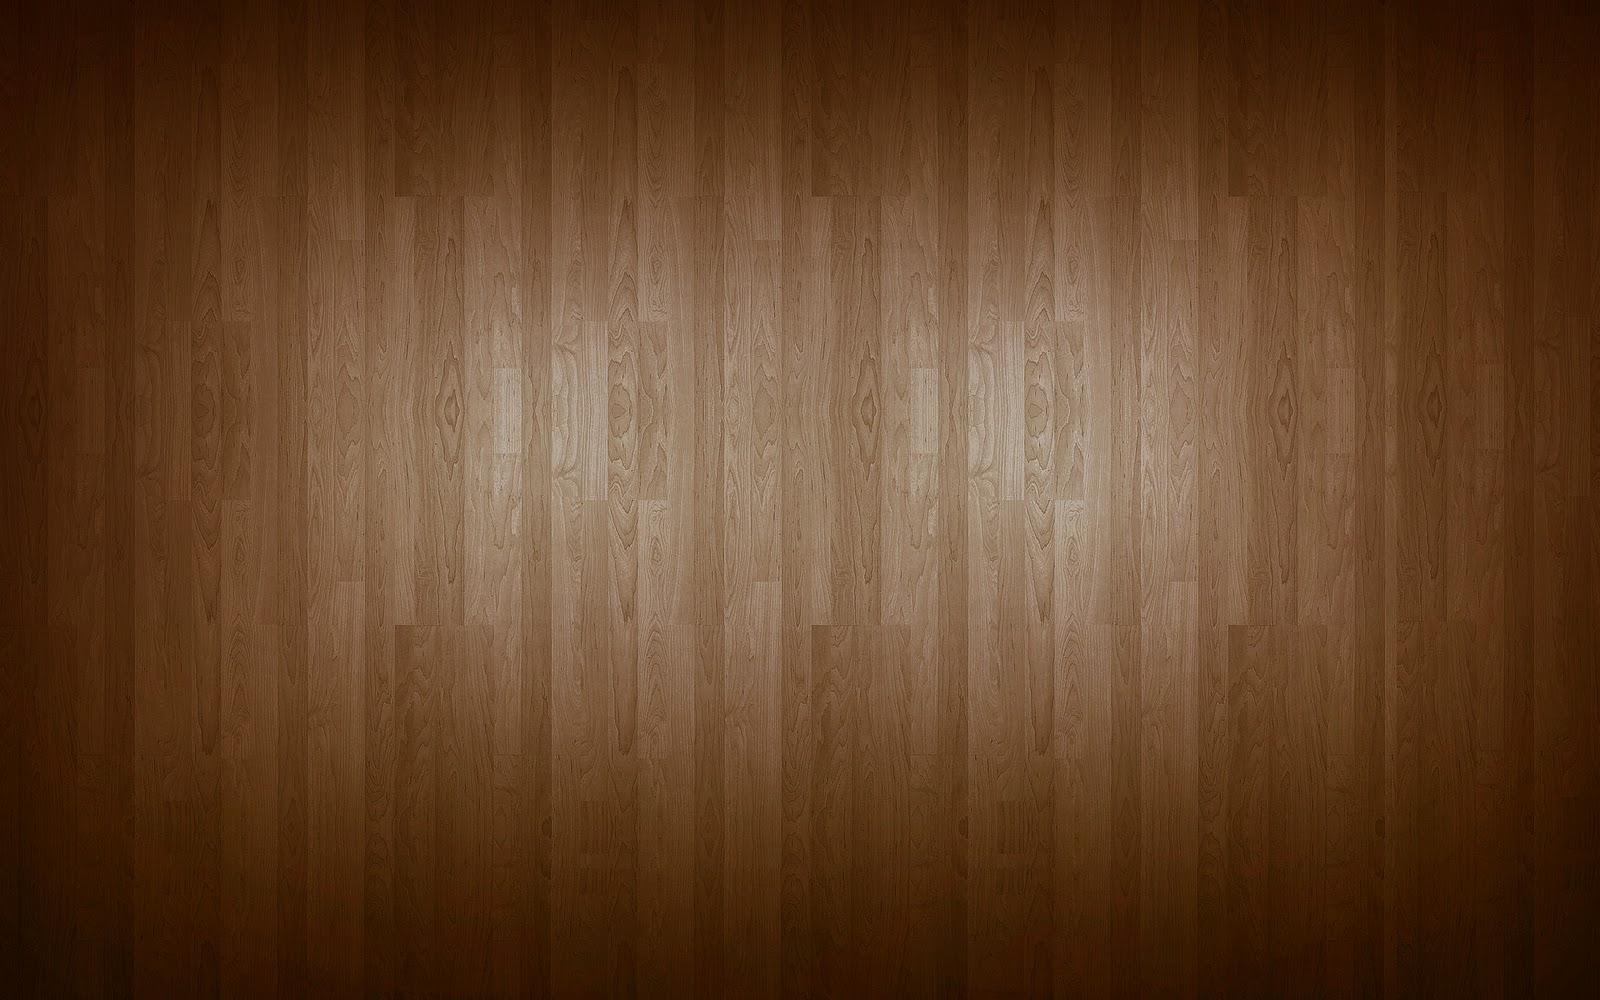 Houten desktop Achtergronden HD Wallpapers 1600x1000